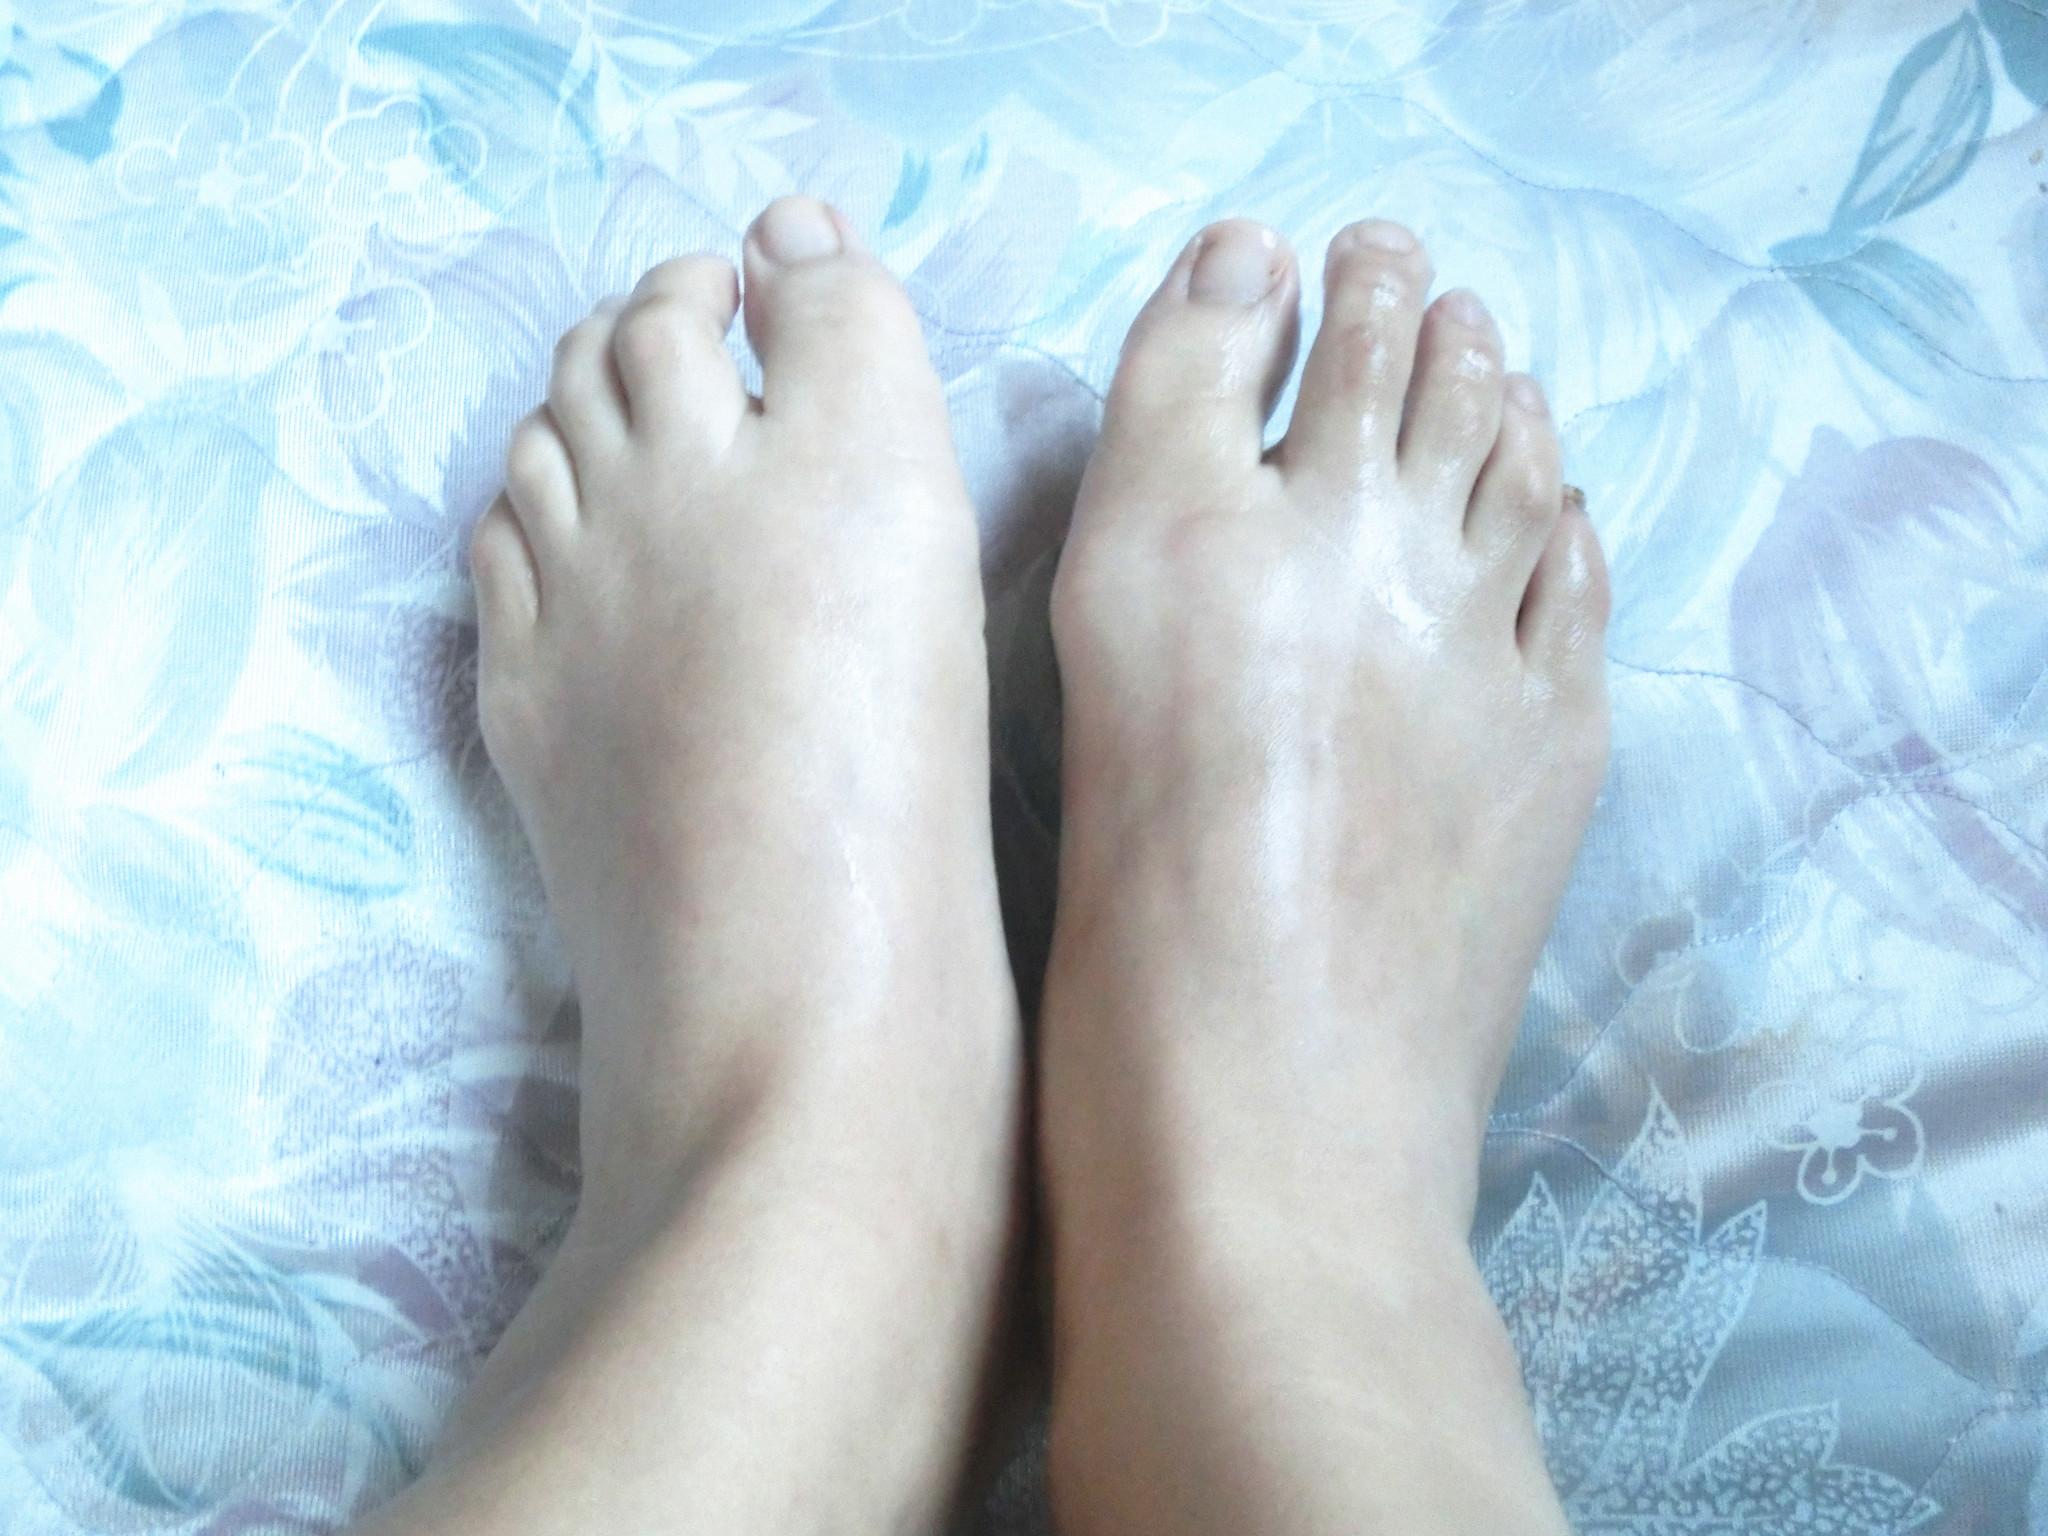 慢慢取出双足,嘻嘻看下柔嫩的小脚丫被滋润的是多么水润白皙